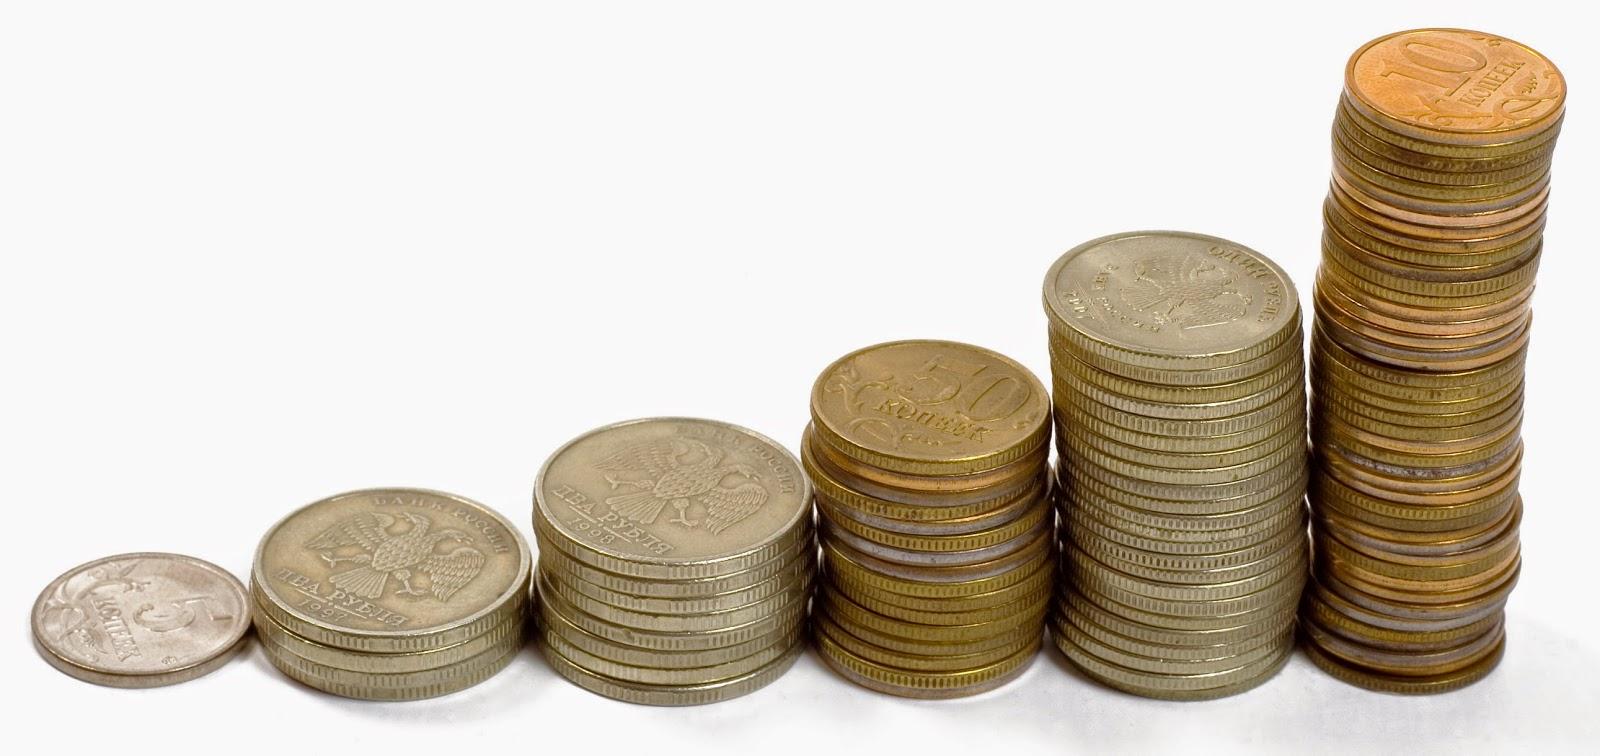 Где взять стартовый капитал для бизнеса?